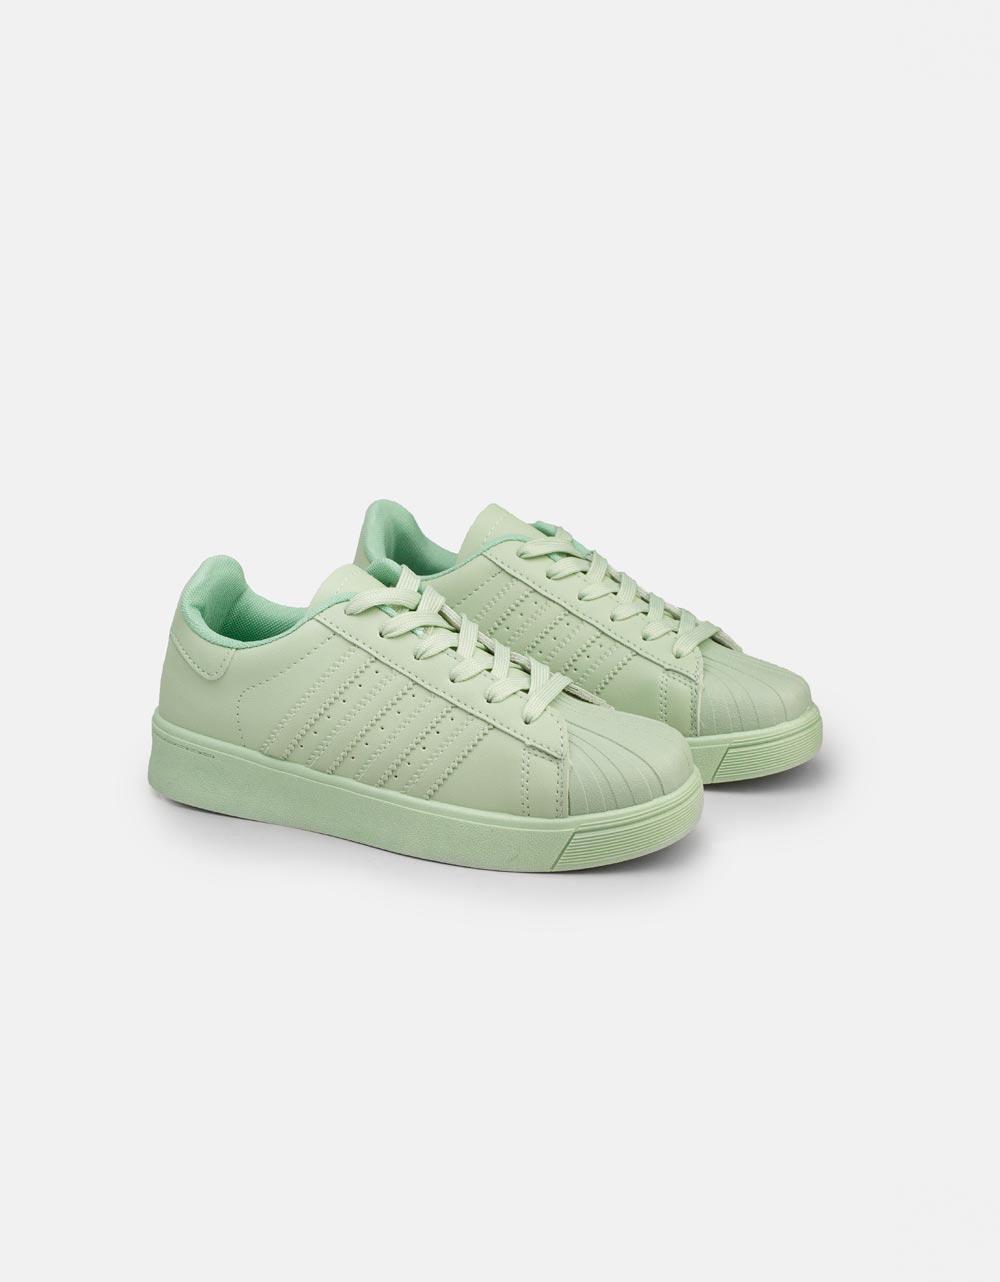 Εικόνα από Γυναικεία sneakers basic μονόχρωμα Πράσινο